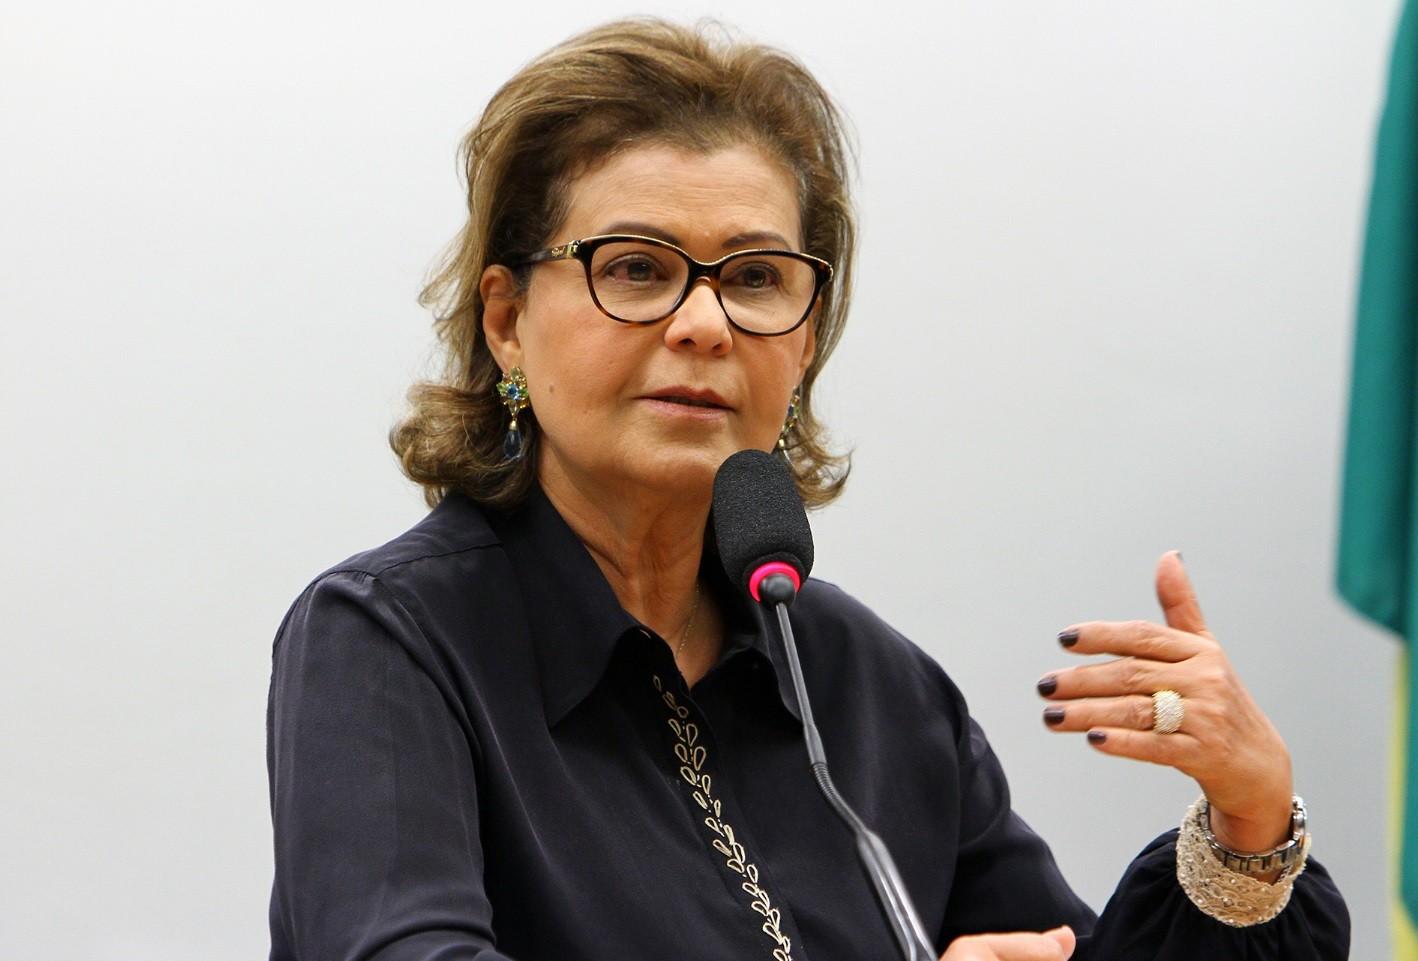 Presidente da Embratur pede demissão, diz estatal; Bolsonaro afirma ter mandado demitir